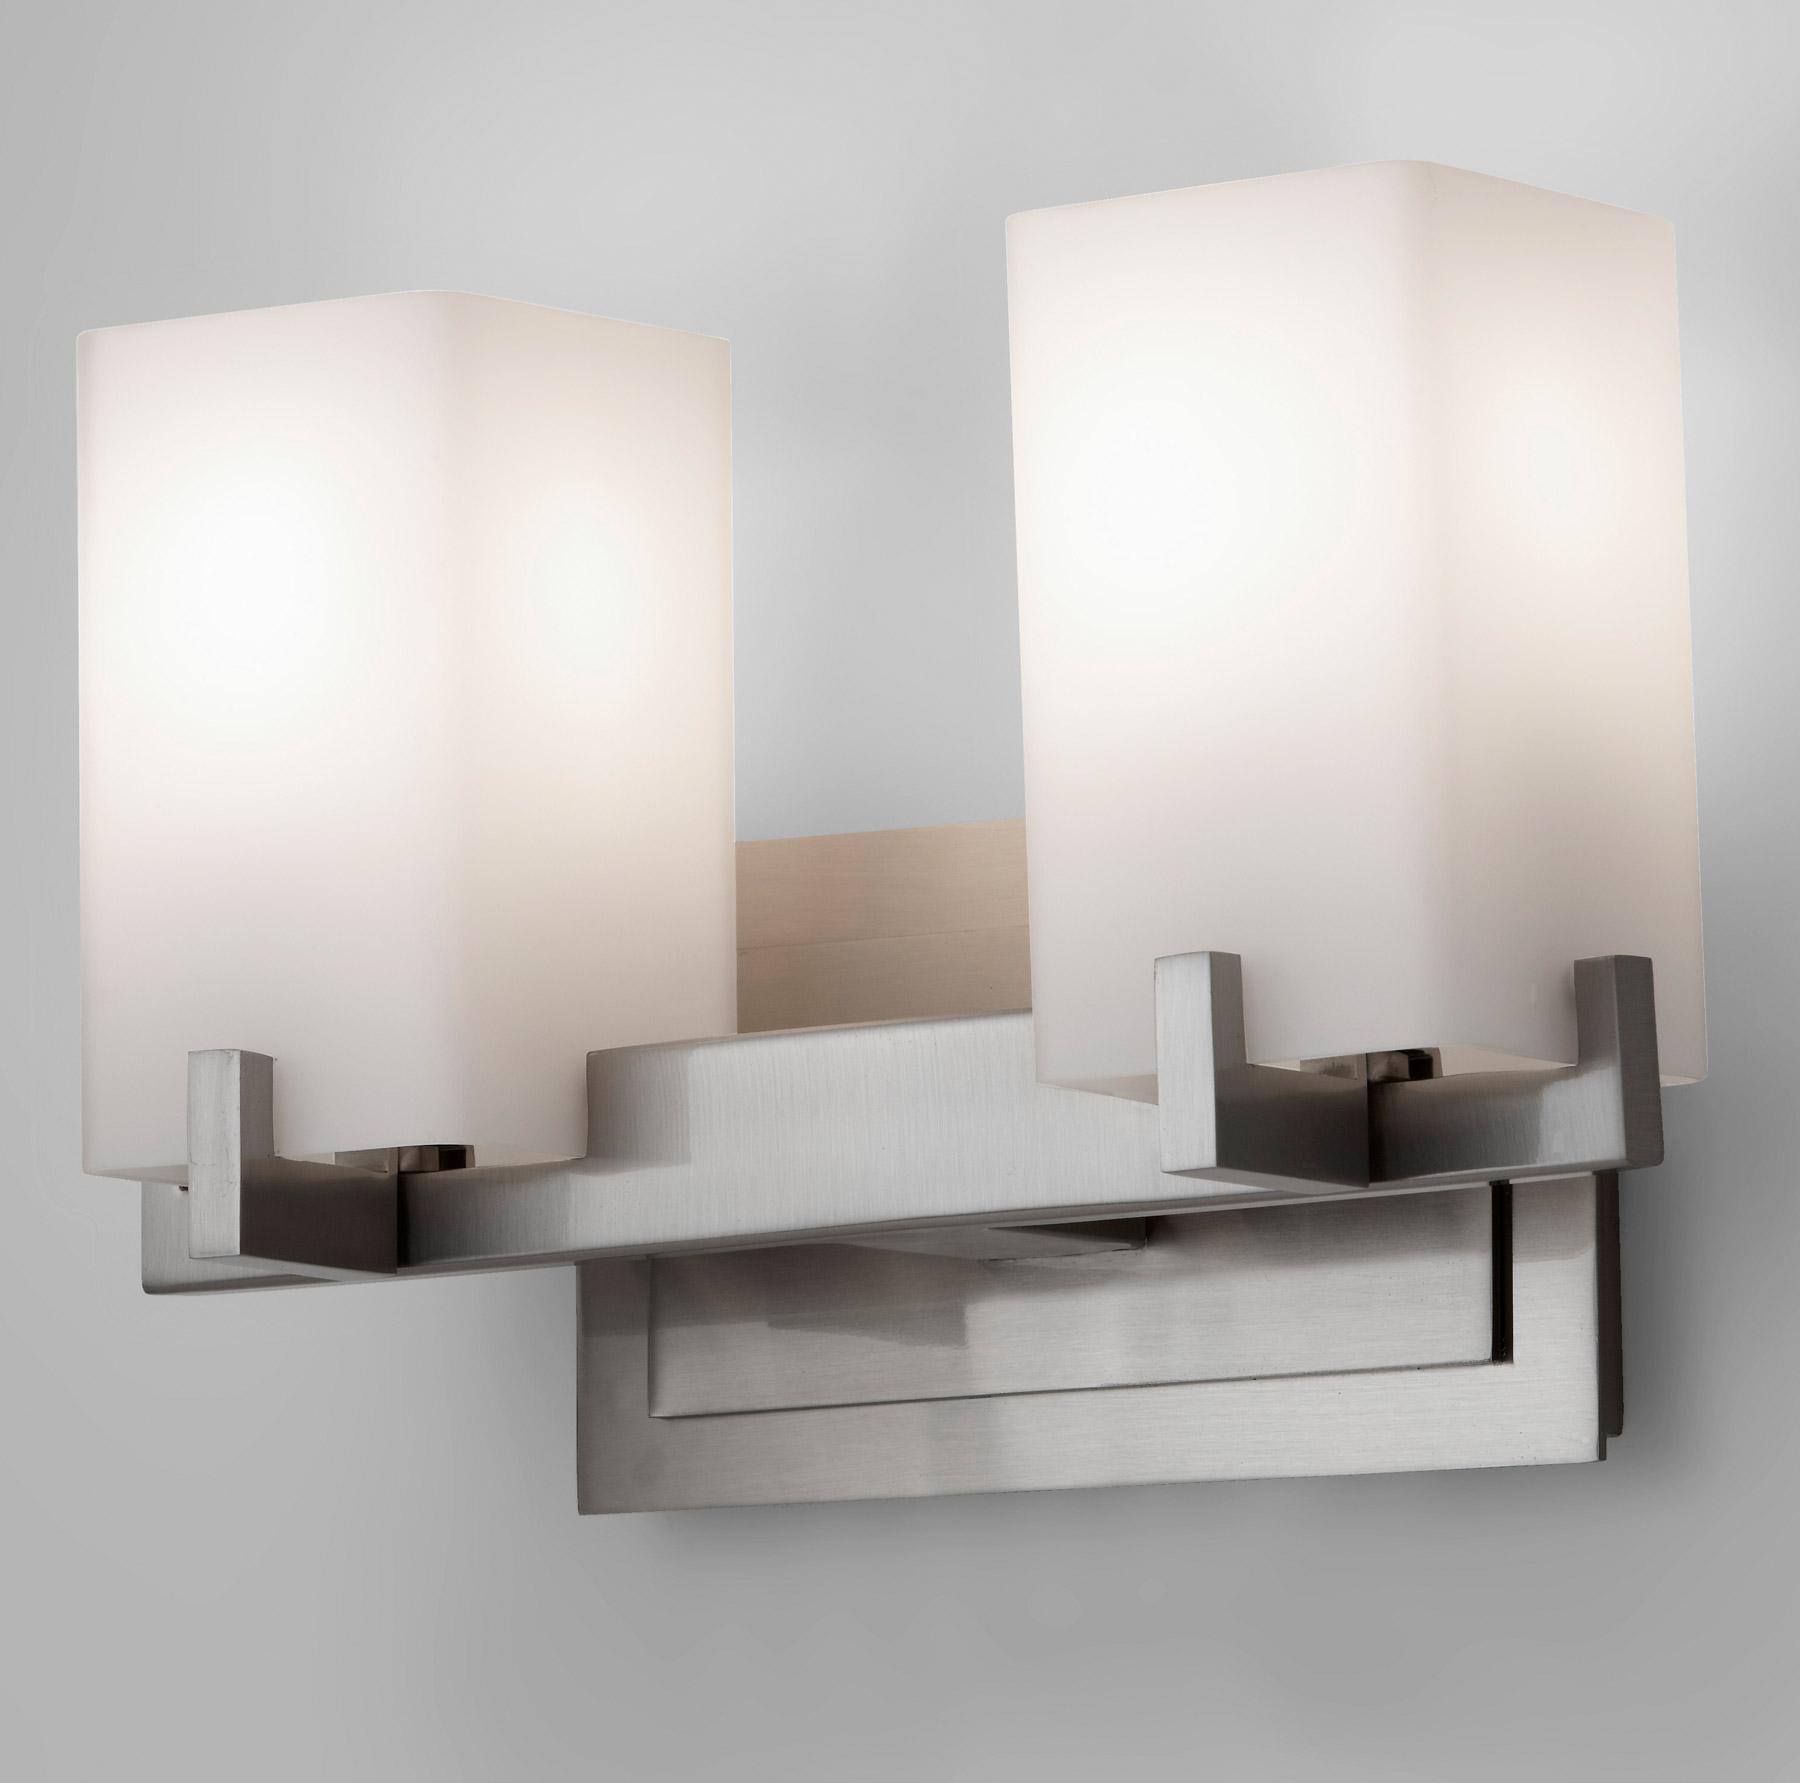 Murray feiss vs18402 bs riva vanity light for Murray feiss bathroom lighting fixtures